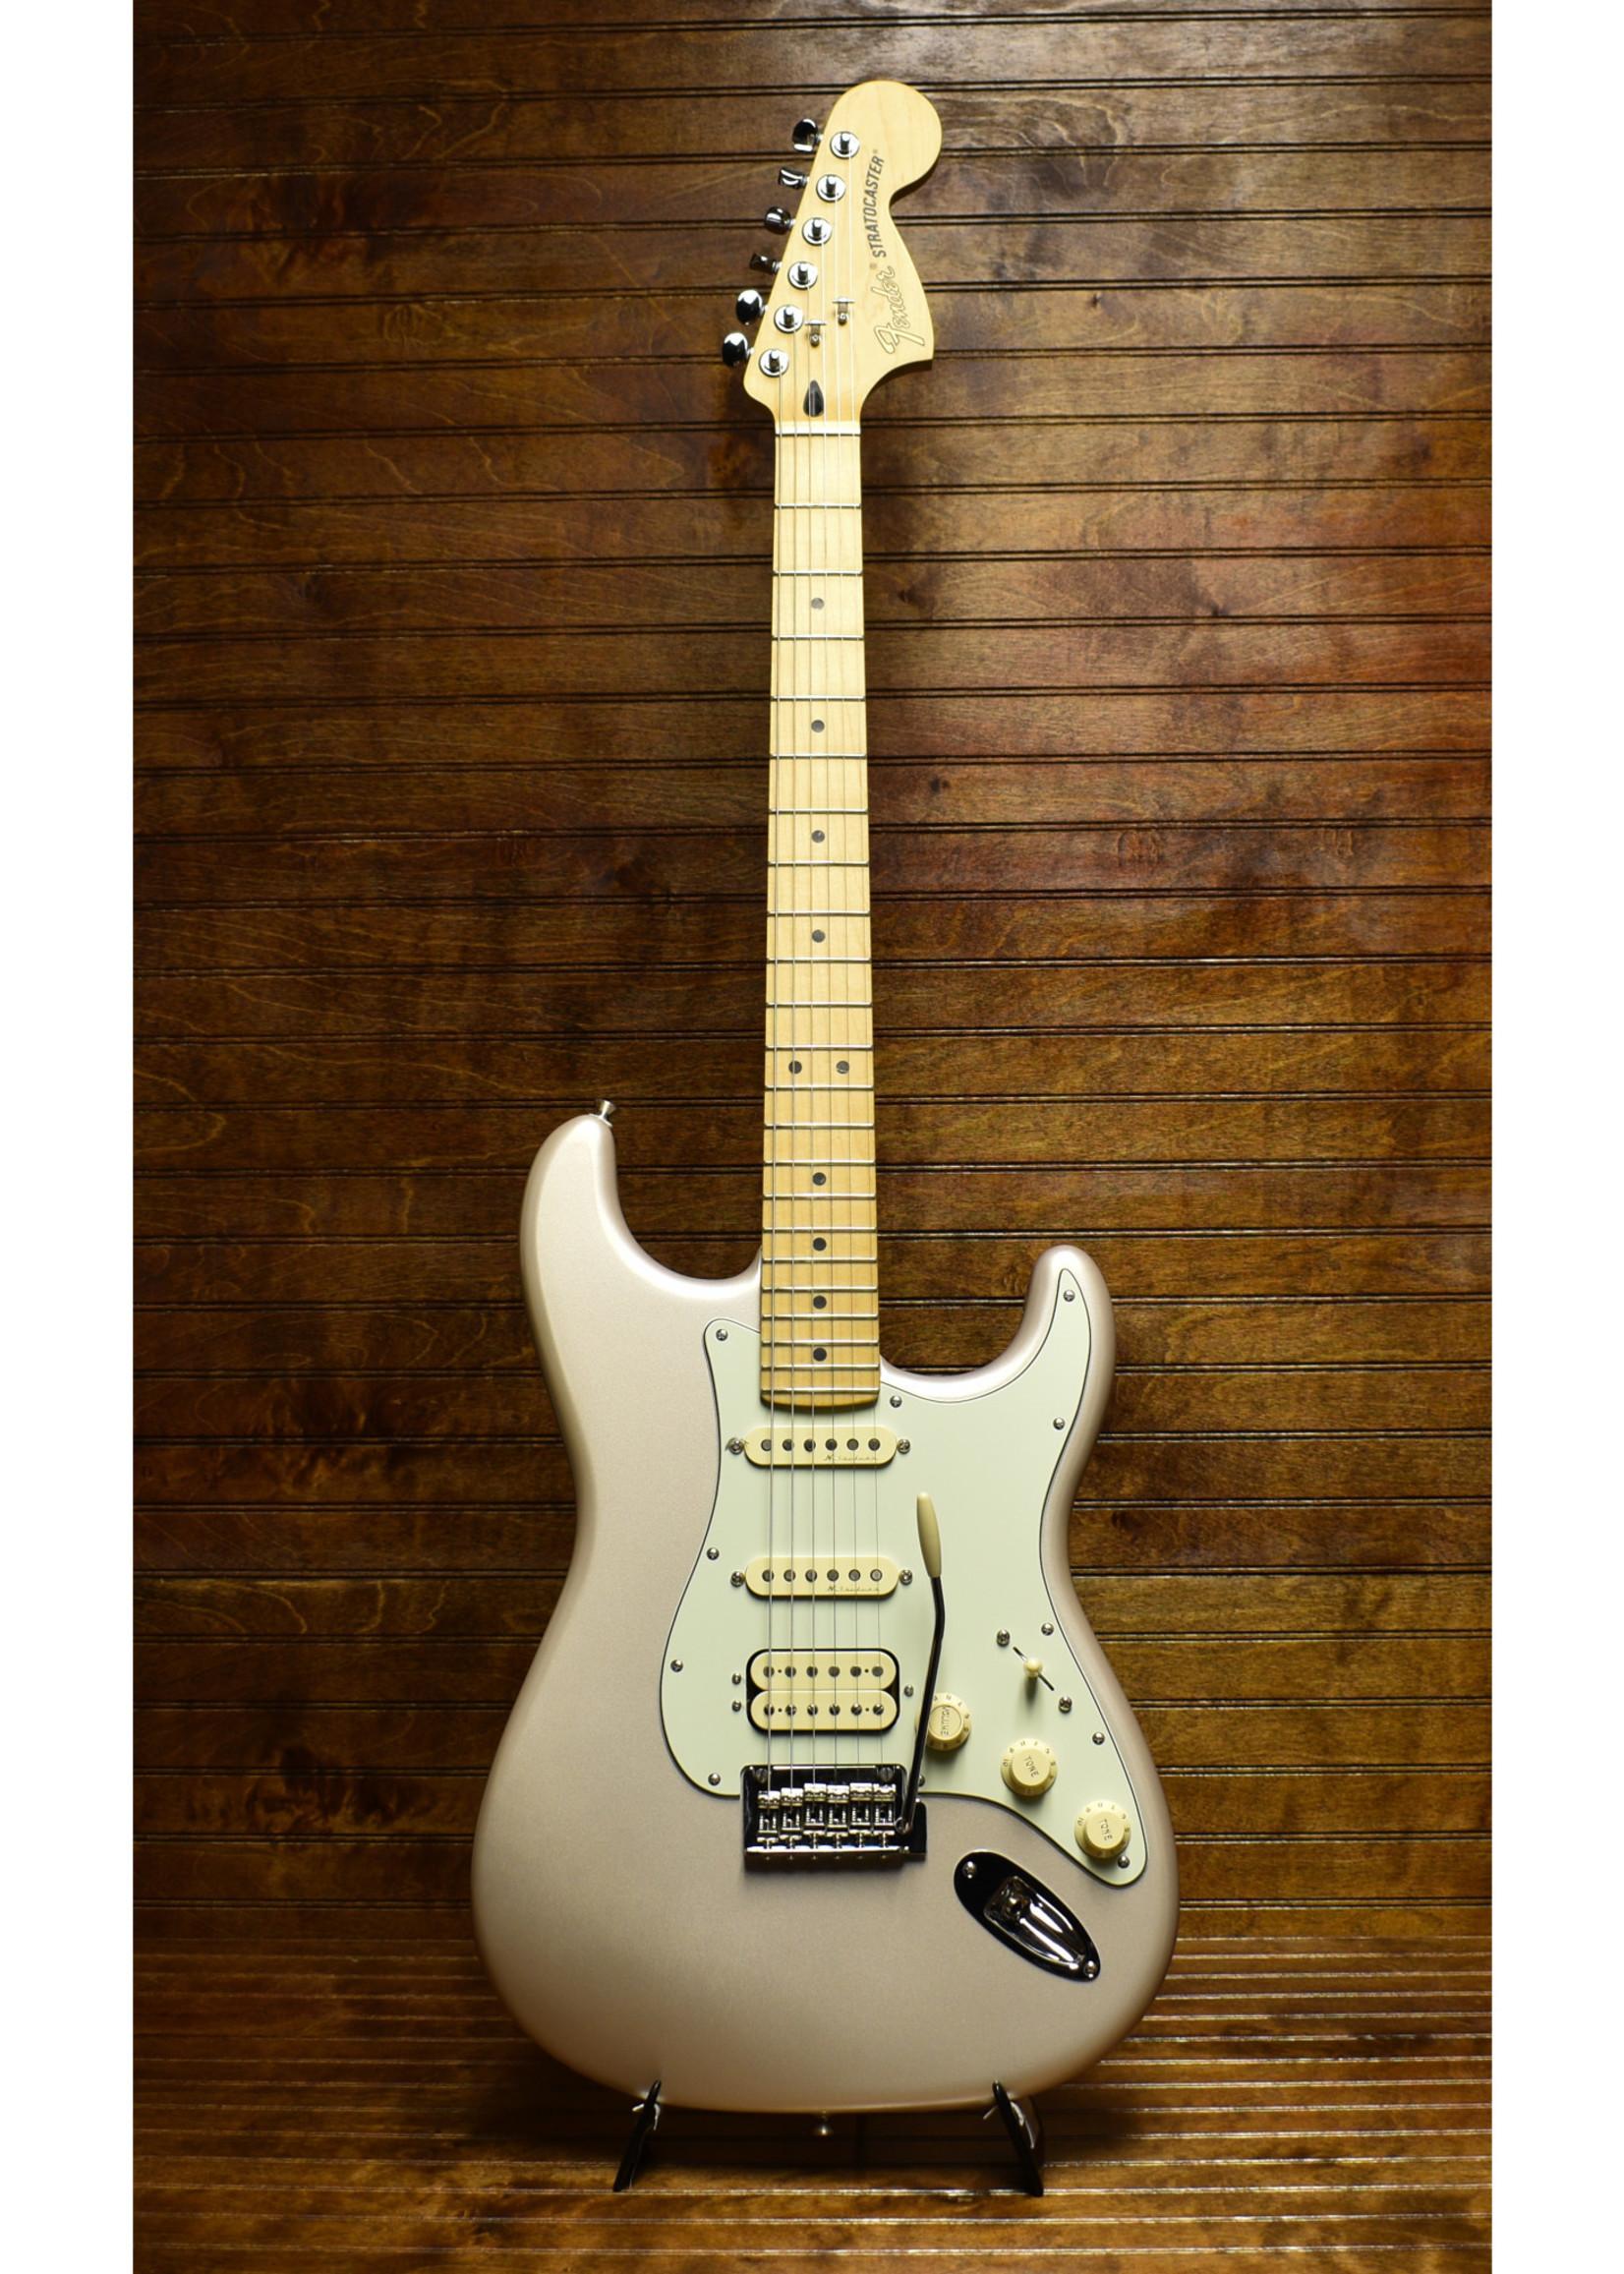 Fender Fender Deluxe Stratocaster Blizzard Pearl